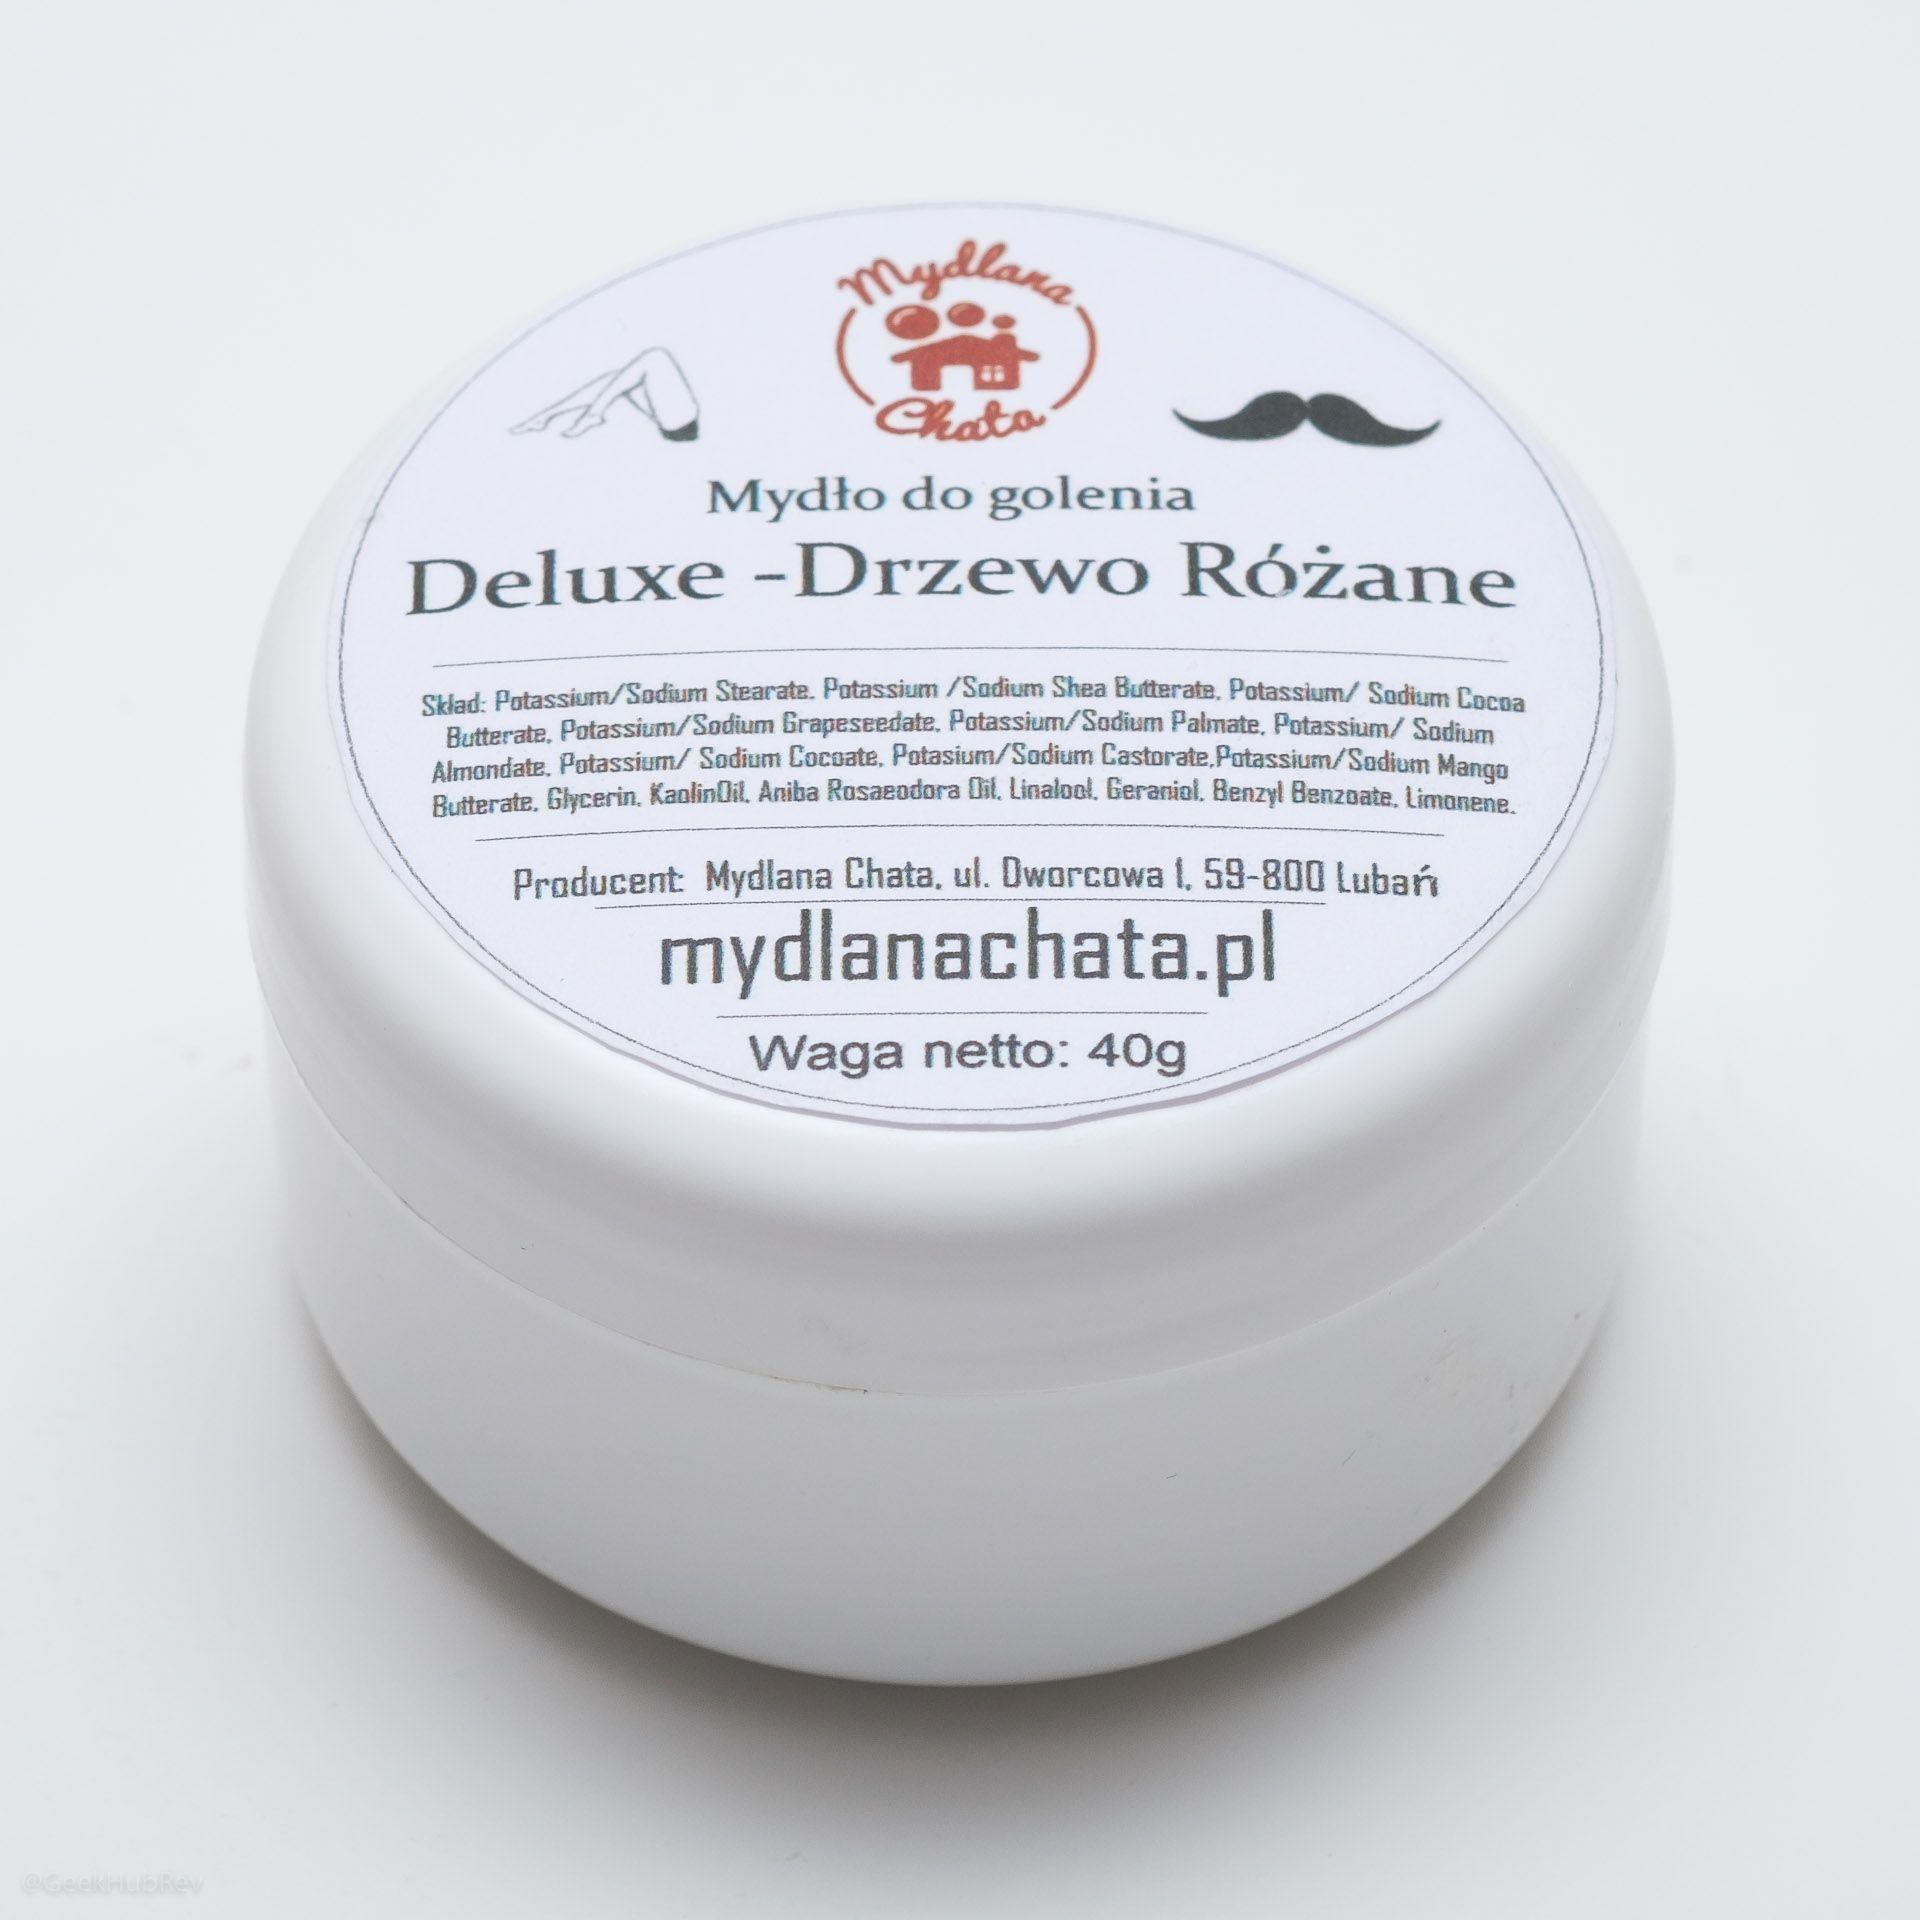 Opakowanie mydła do golenia Mydlana Chata Drzewo Różane